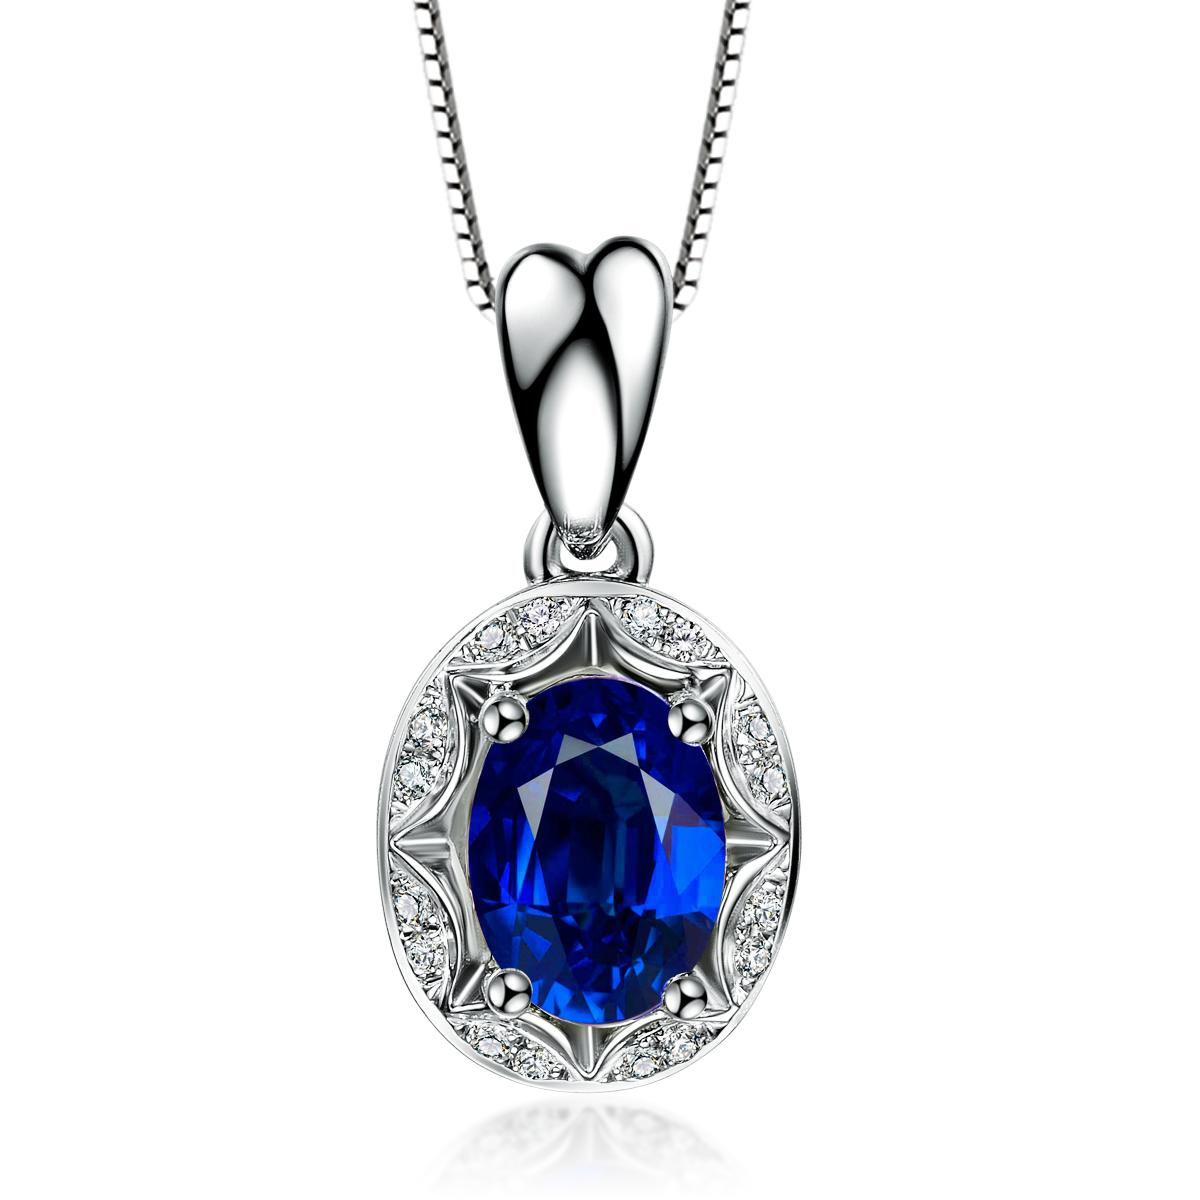 蓝宝石和蓝钻石的区别 蓝宝石鉴别